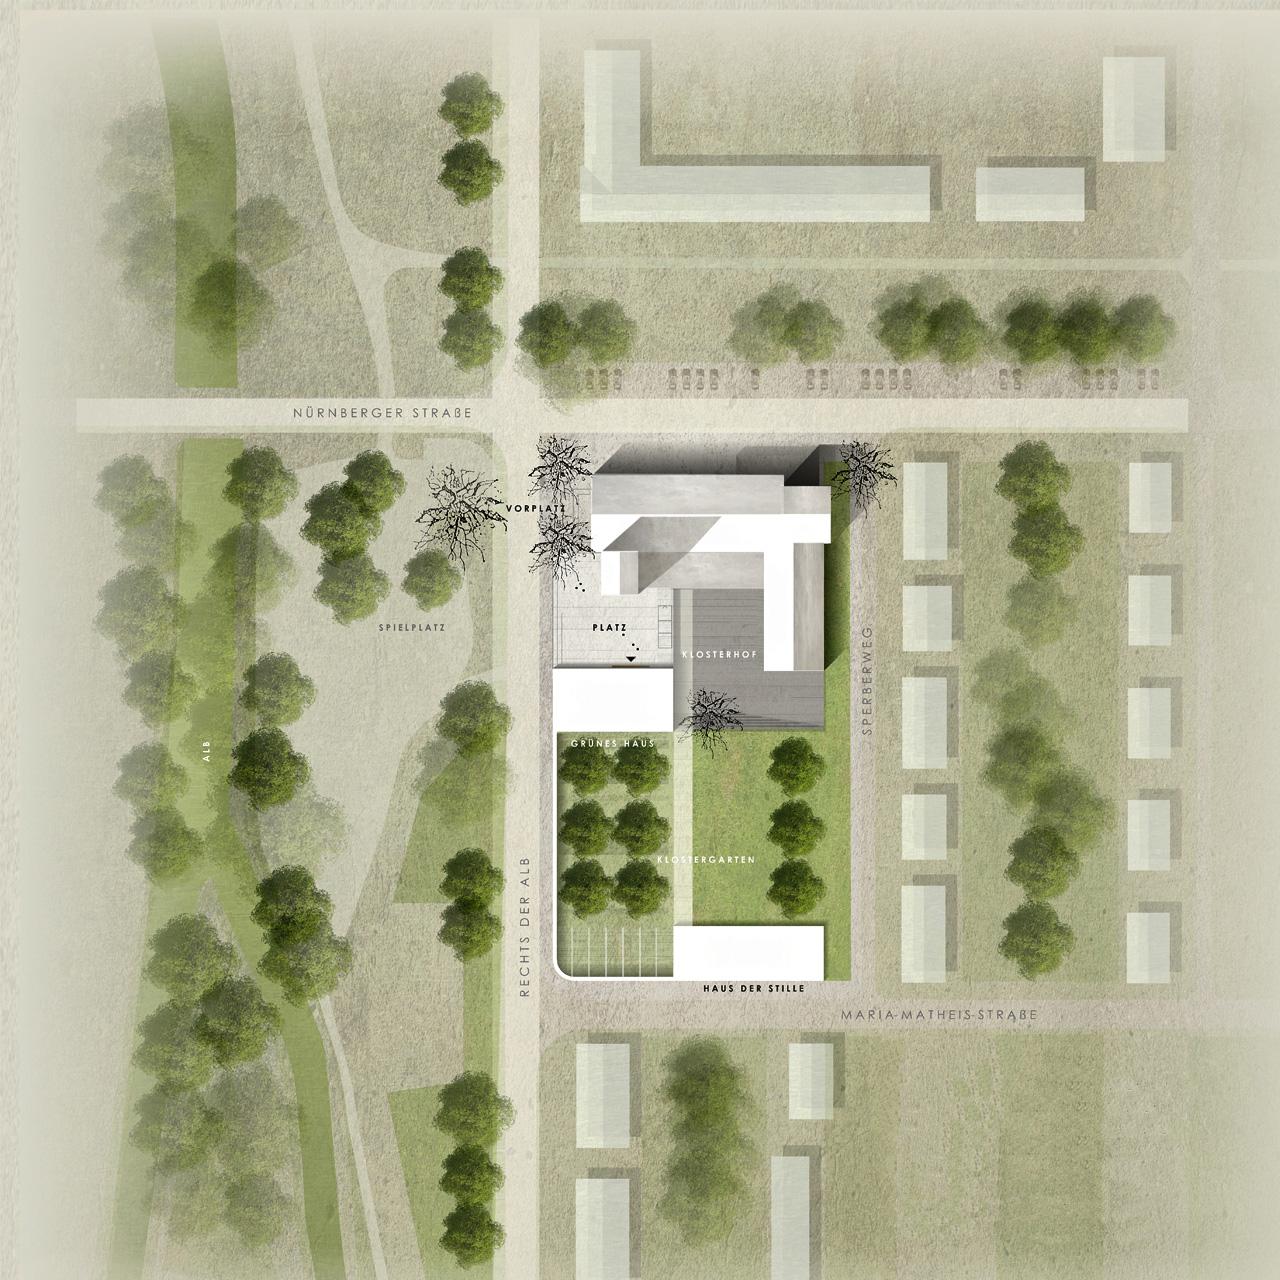 Wettbewerb Stadtkloster St. Franziskus Dammerstock Karlsruhe, Lageplan detailliert